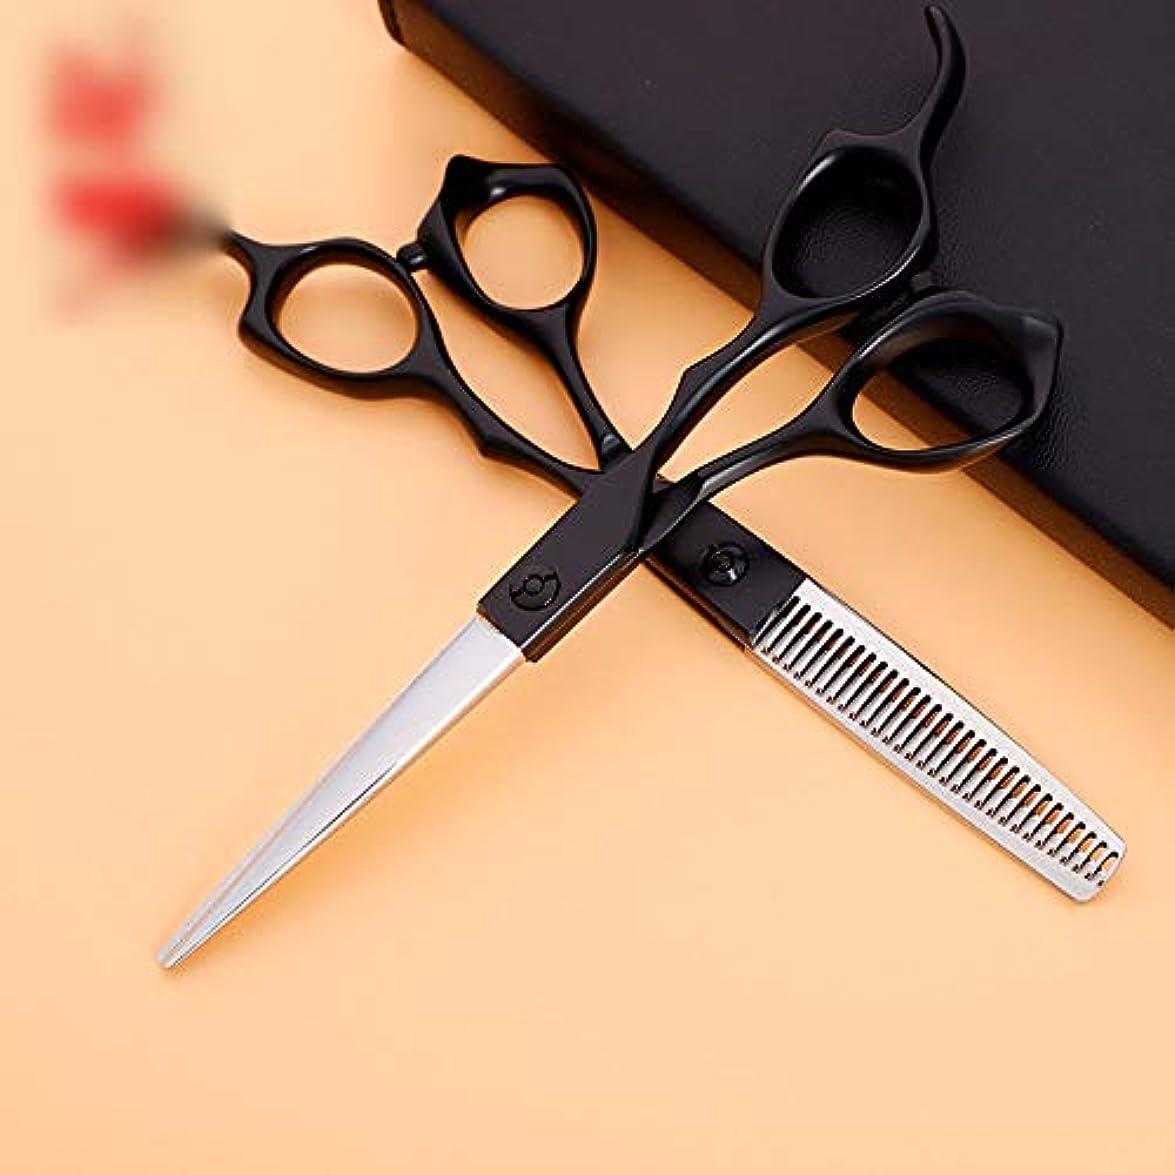 ミュウミュウ検閲最小6インチの美容院の専門の理髪セット、家の毛の切断用具セット モデリングツール (色 : 黒)